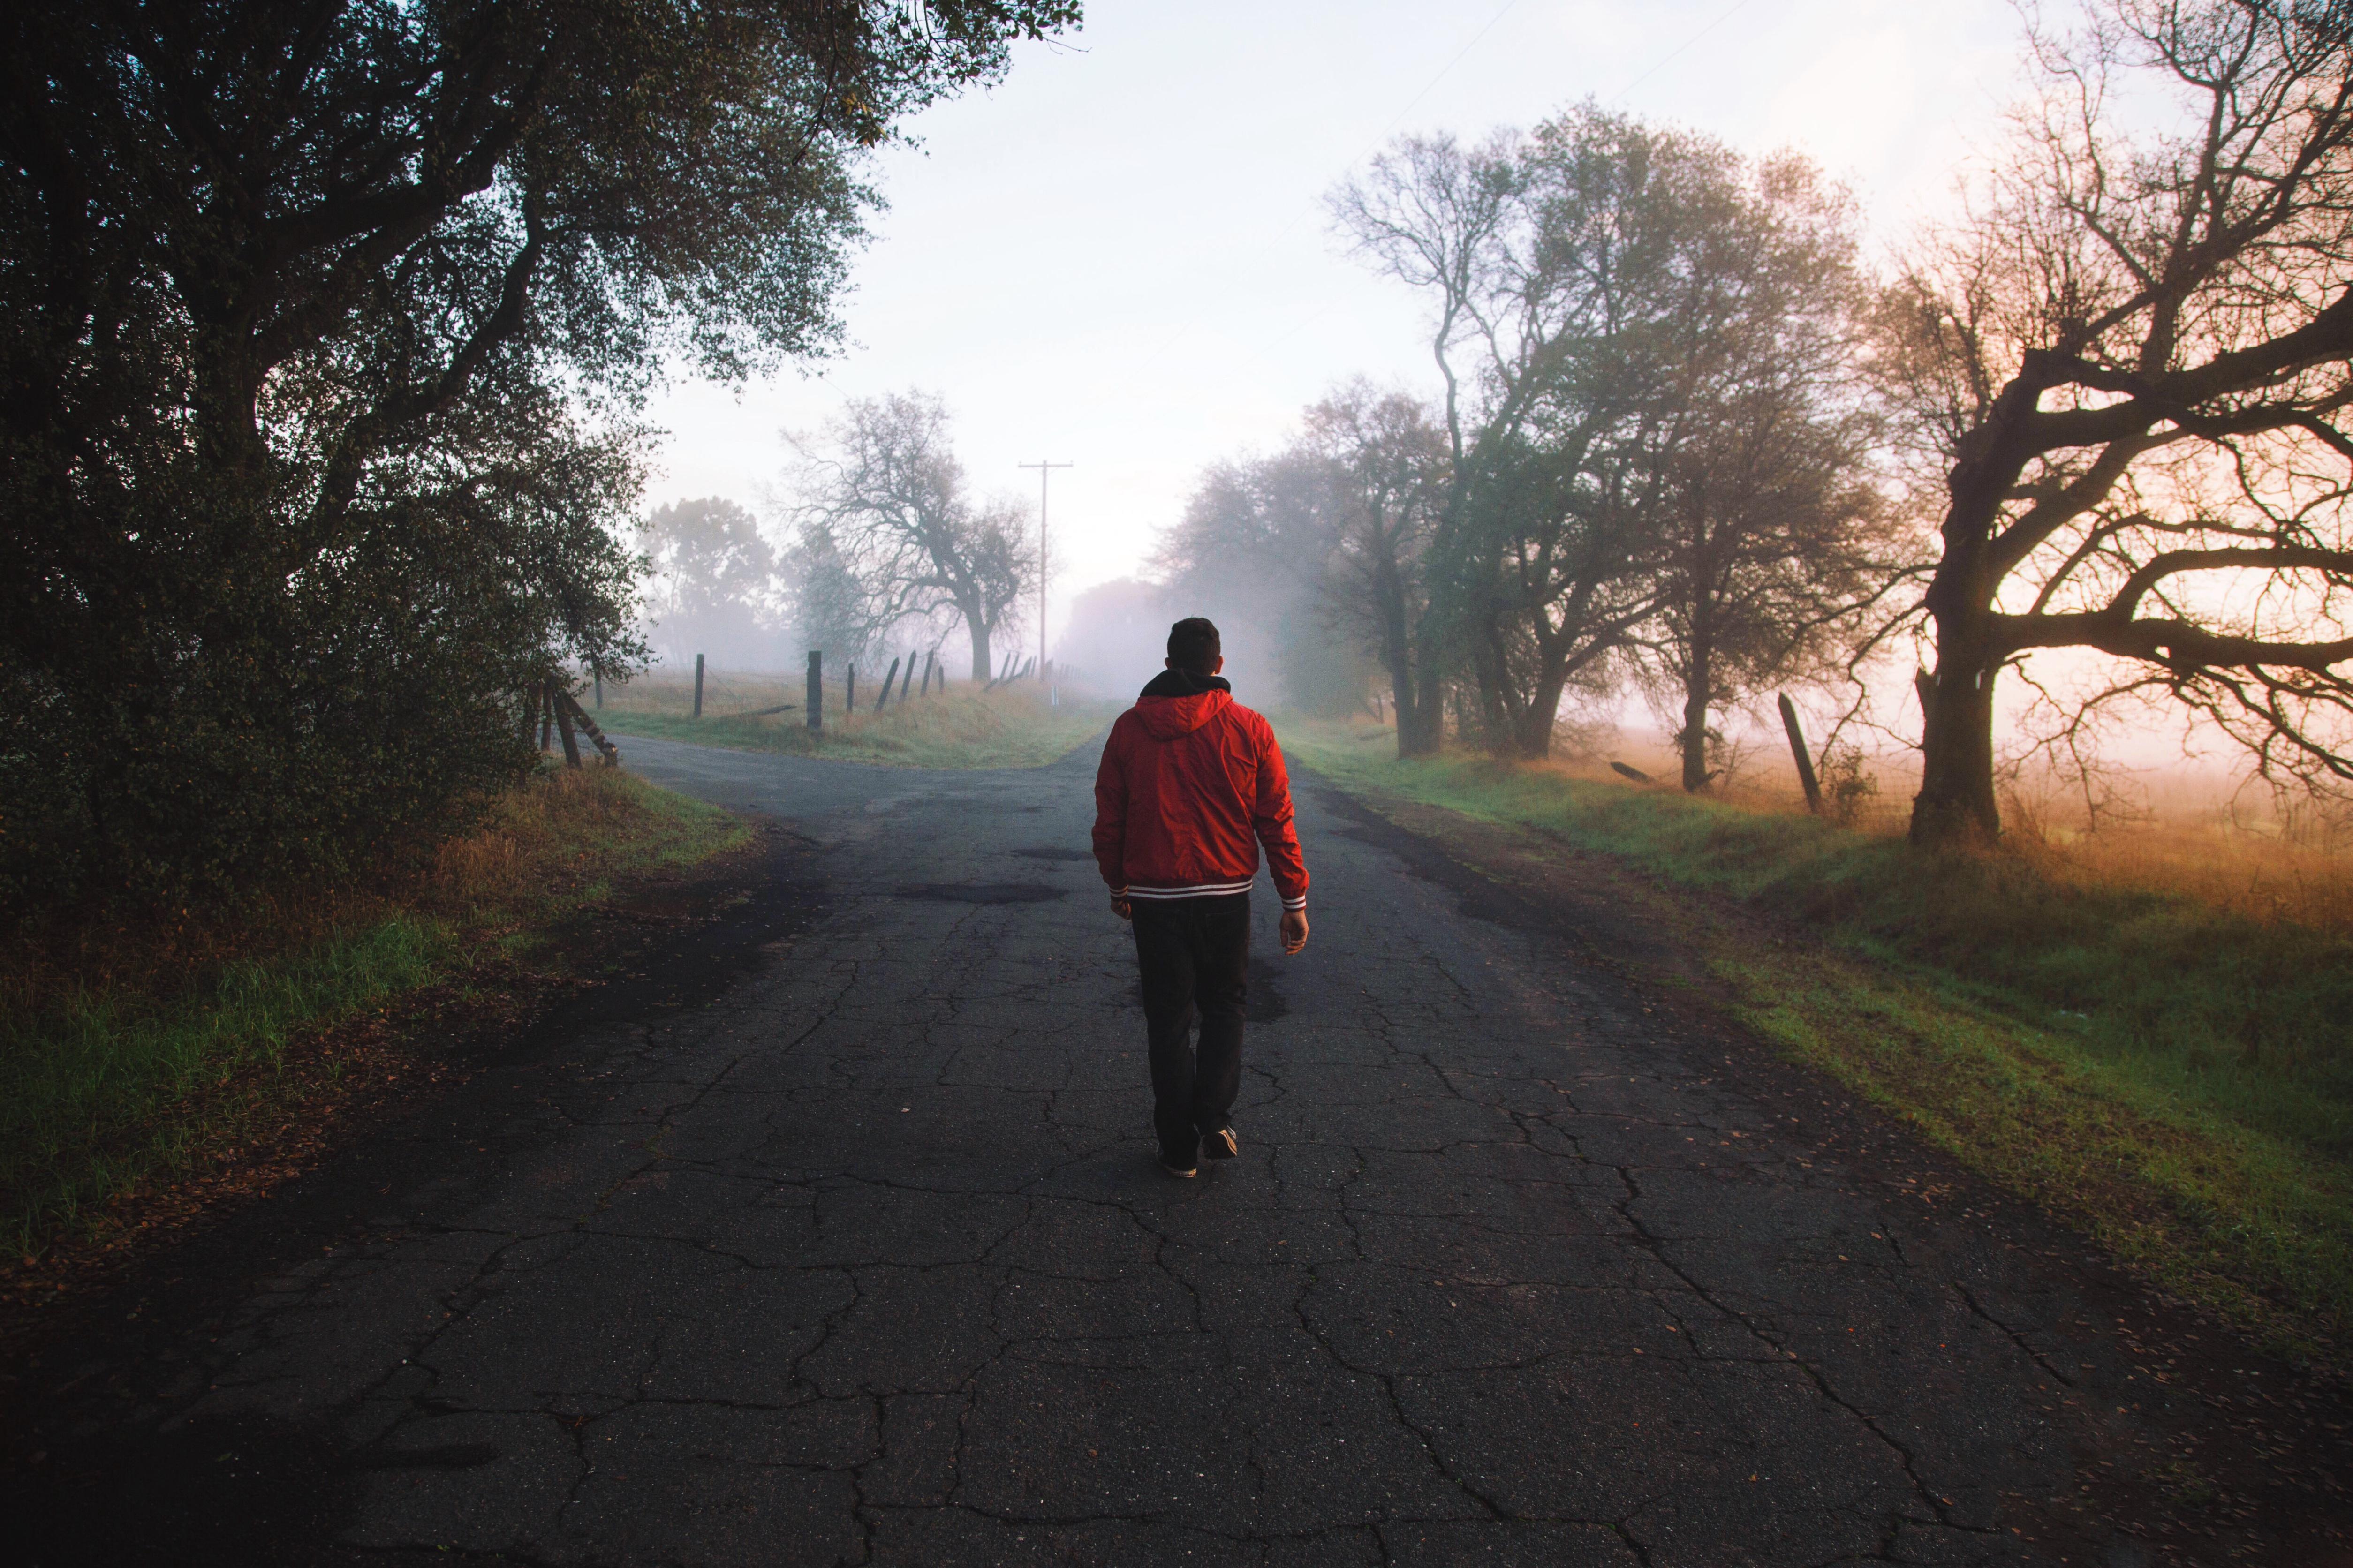 выбор фото парень идет по дороге внешний вид